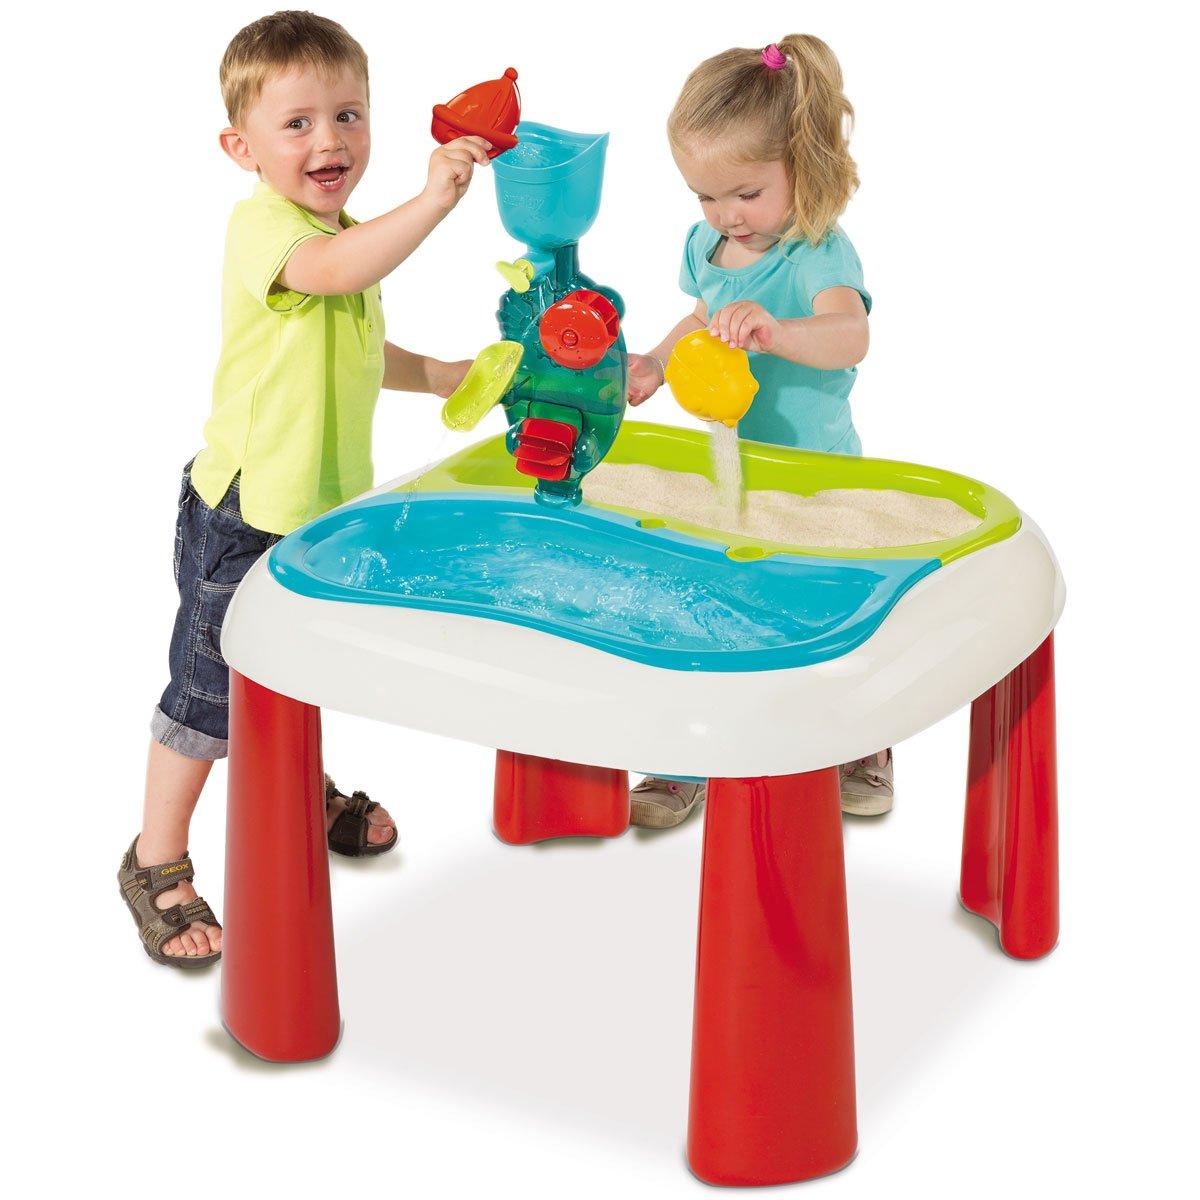 Sand und Wassertisch 2in1 vielseitige Spielmöglichkeiten • Kinder Spieltisch Kindertisch Sandspielzeug Garten Spielzeug Set